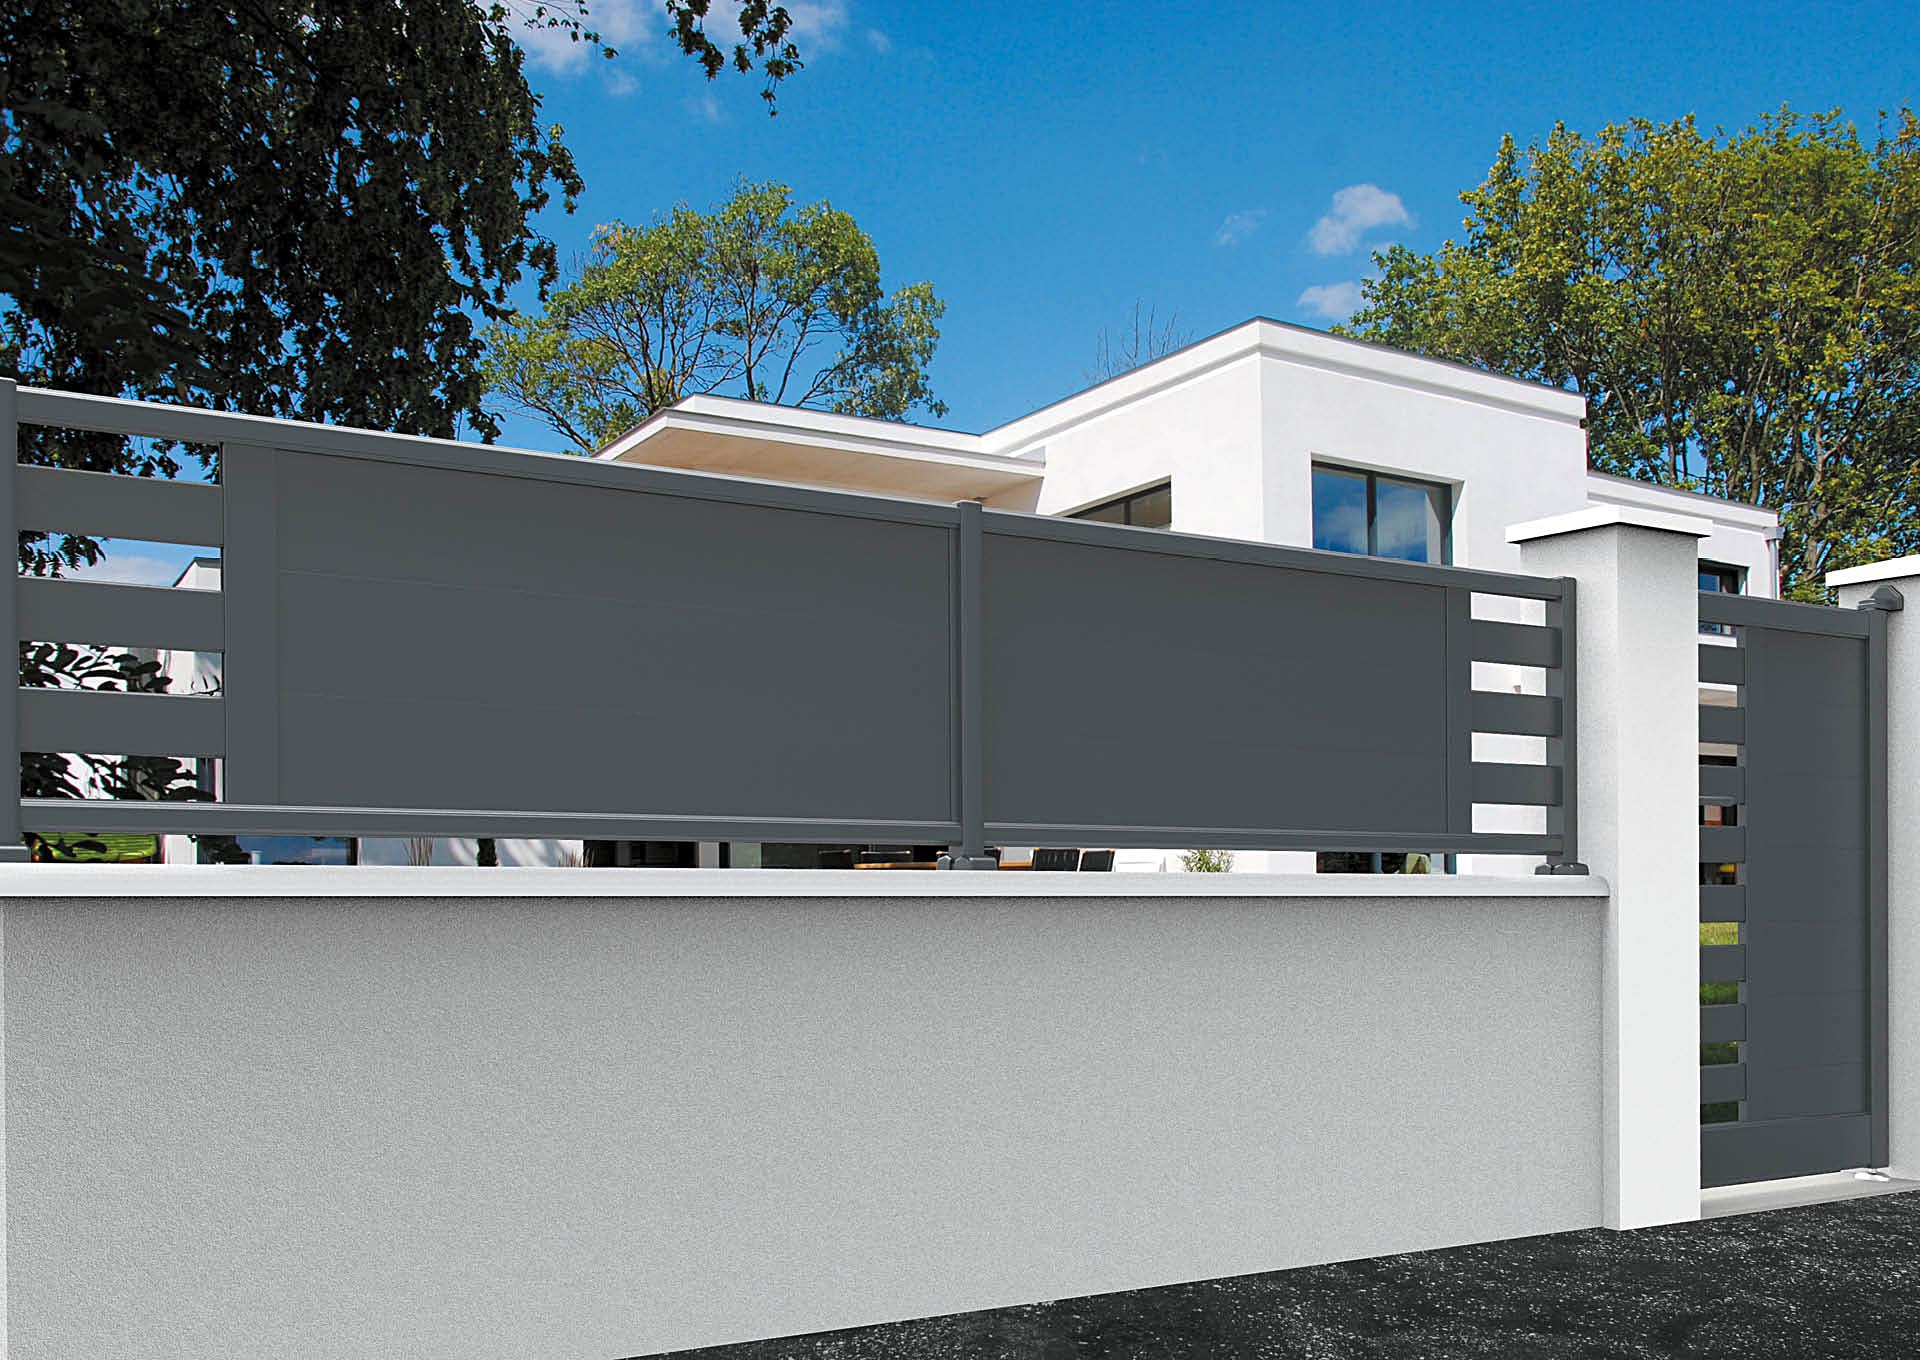 Clôture en aluminium 9013_CL_P2LE Lames horizontales 200mm + décor lames espacées